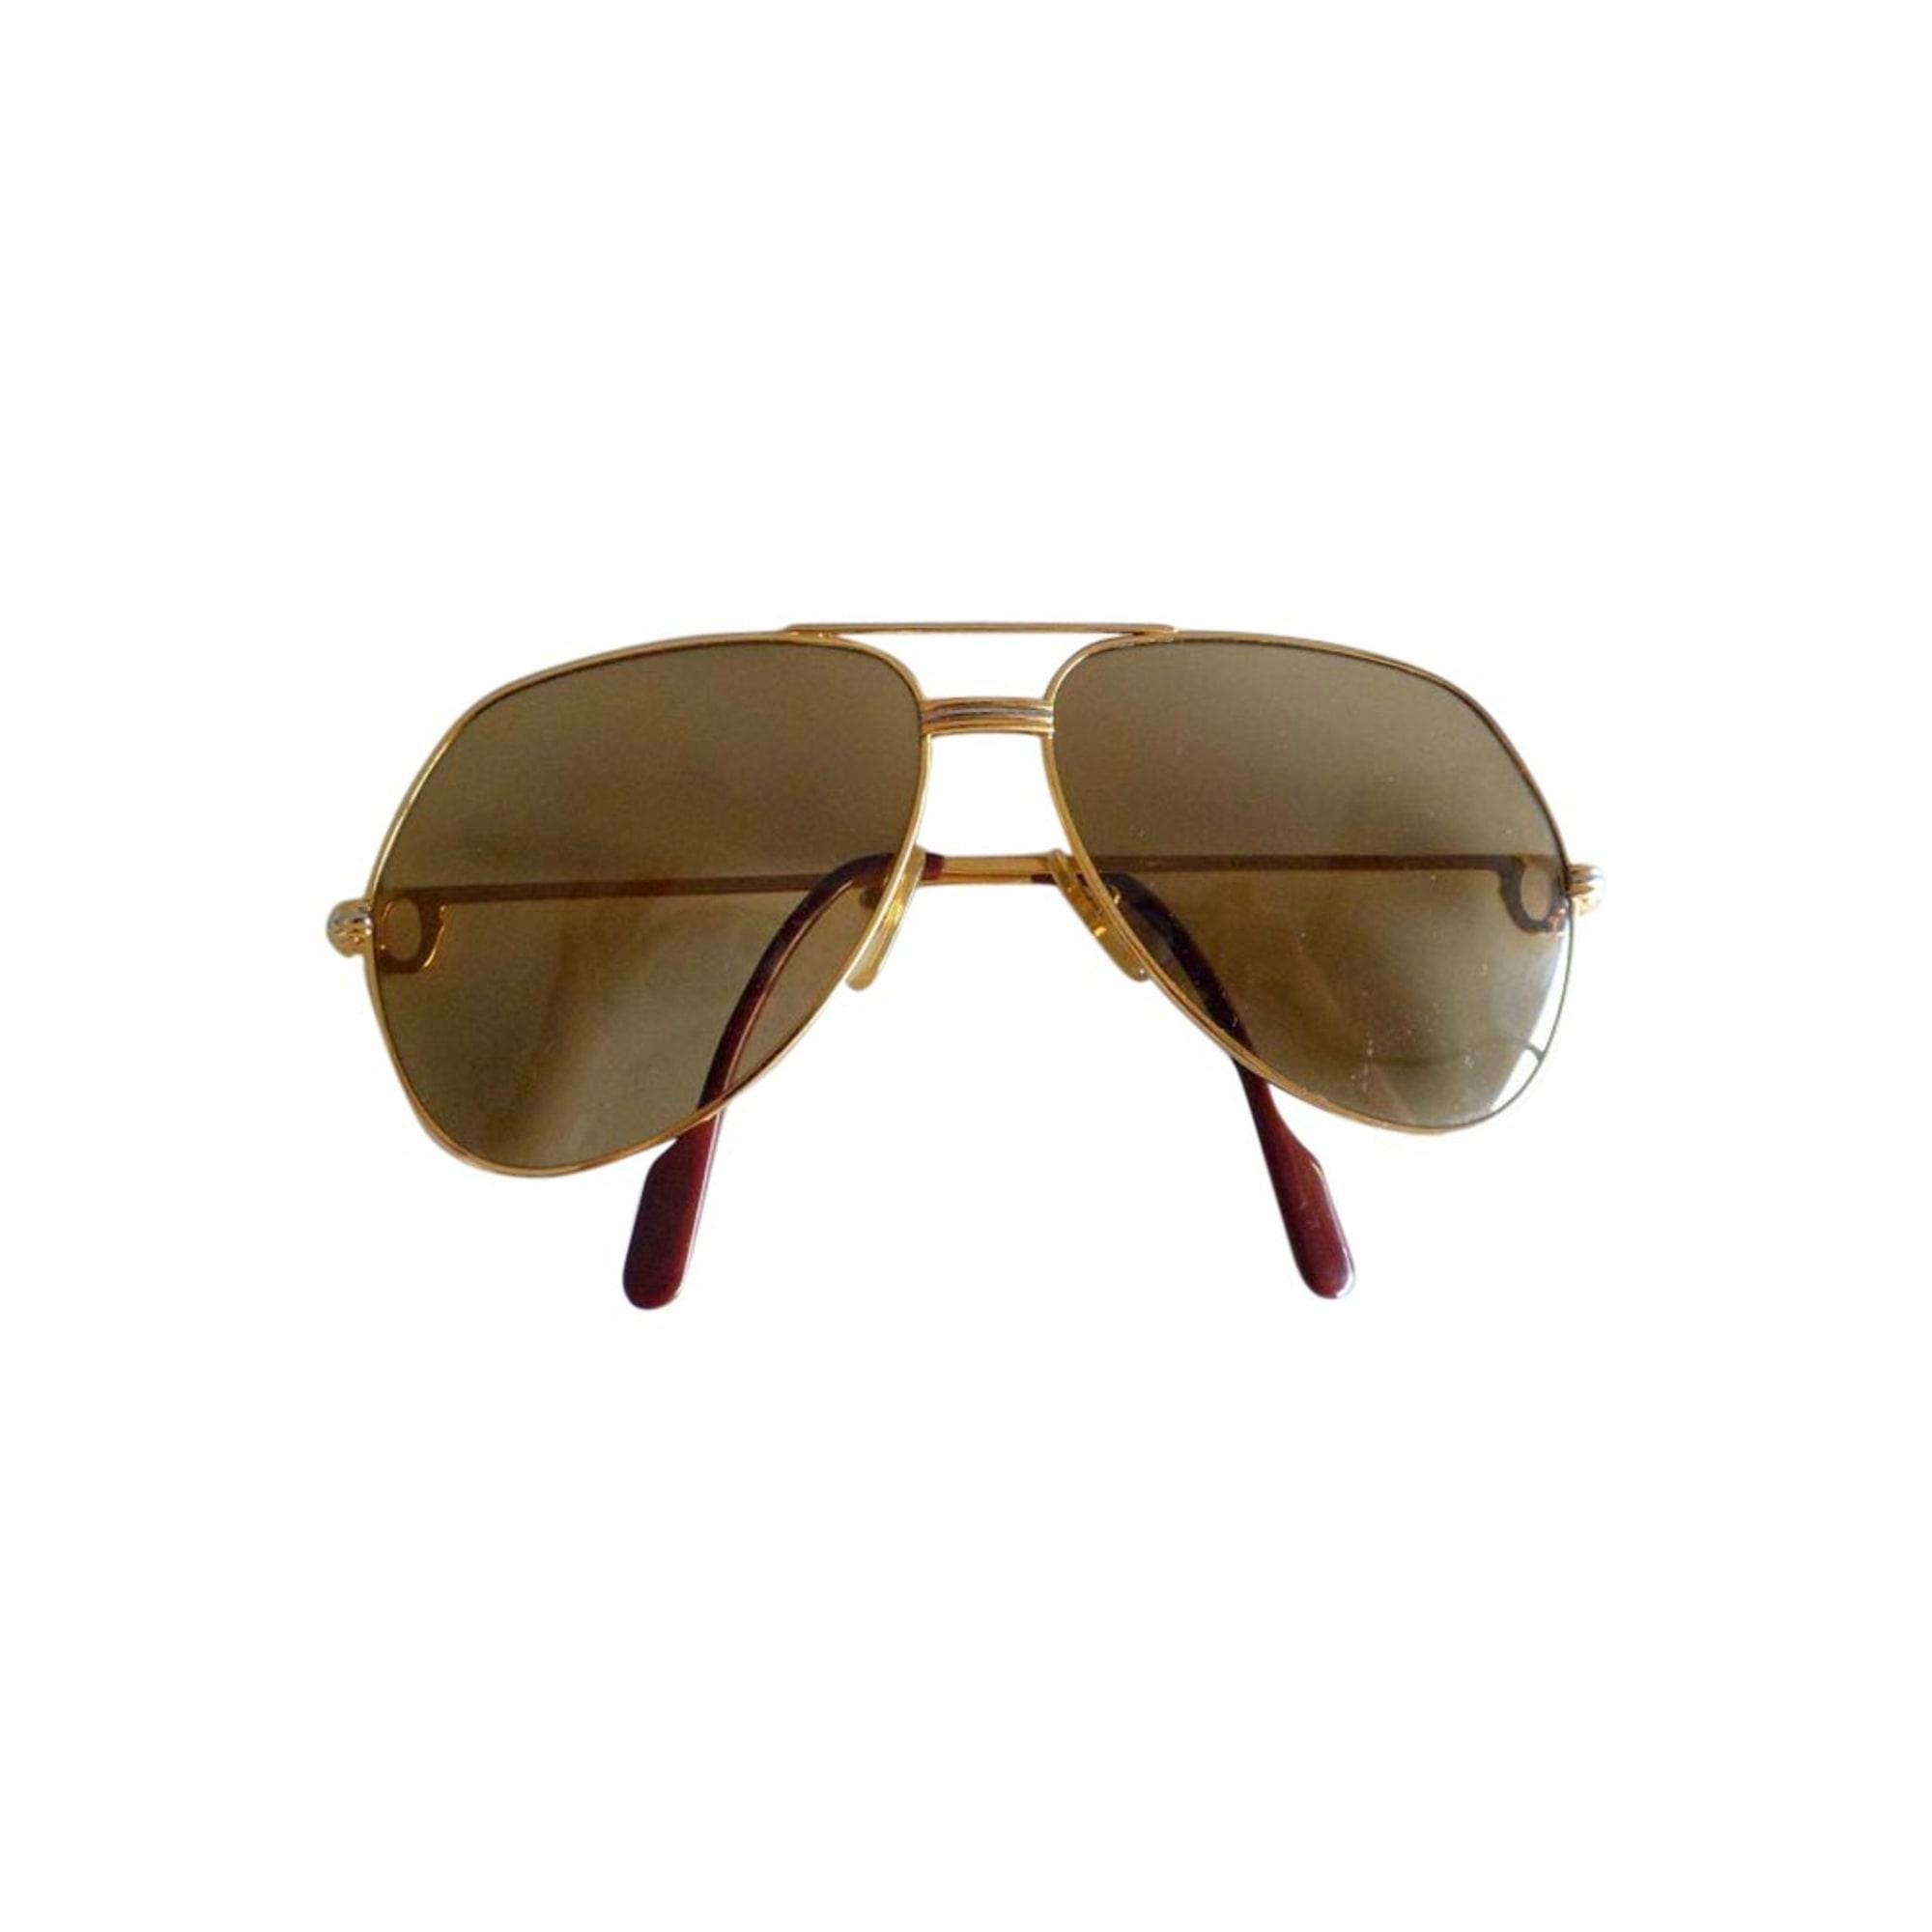 0b5984f7e6d Lunettes de soleil CARTIER doré vendu par Shopname605758 - 2205267